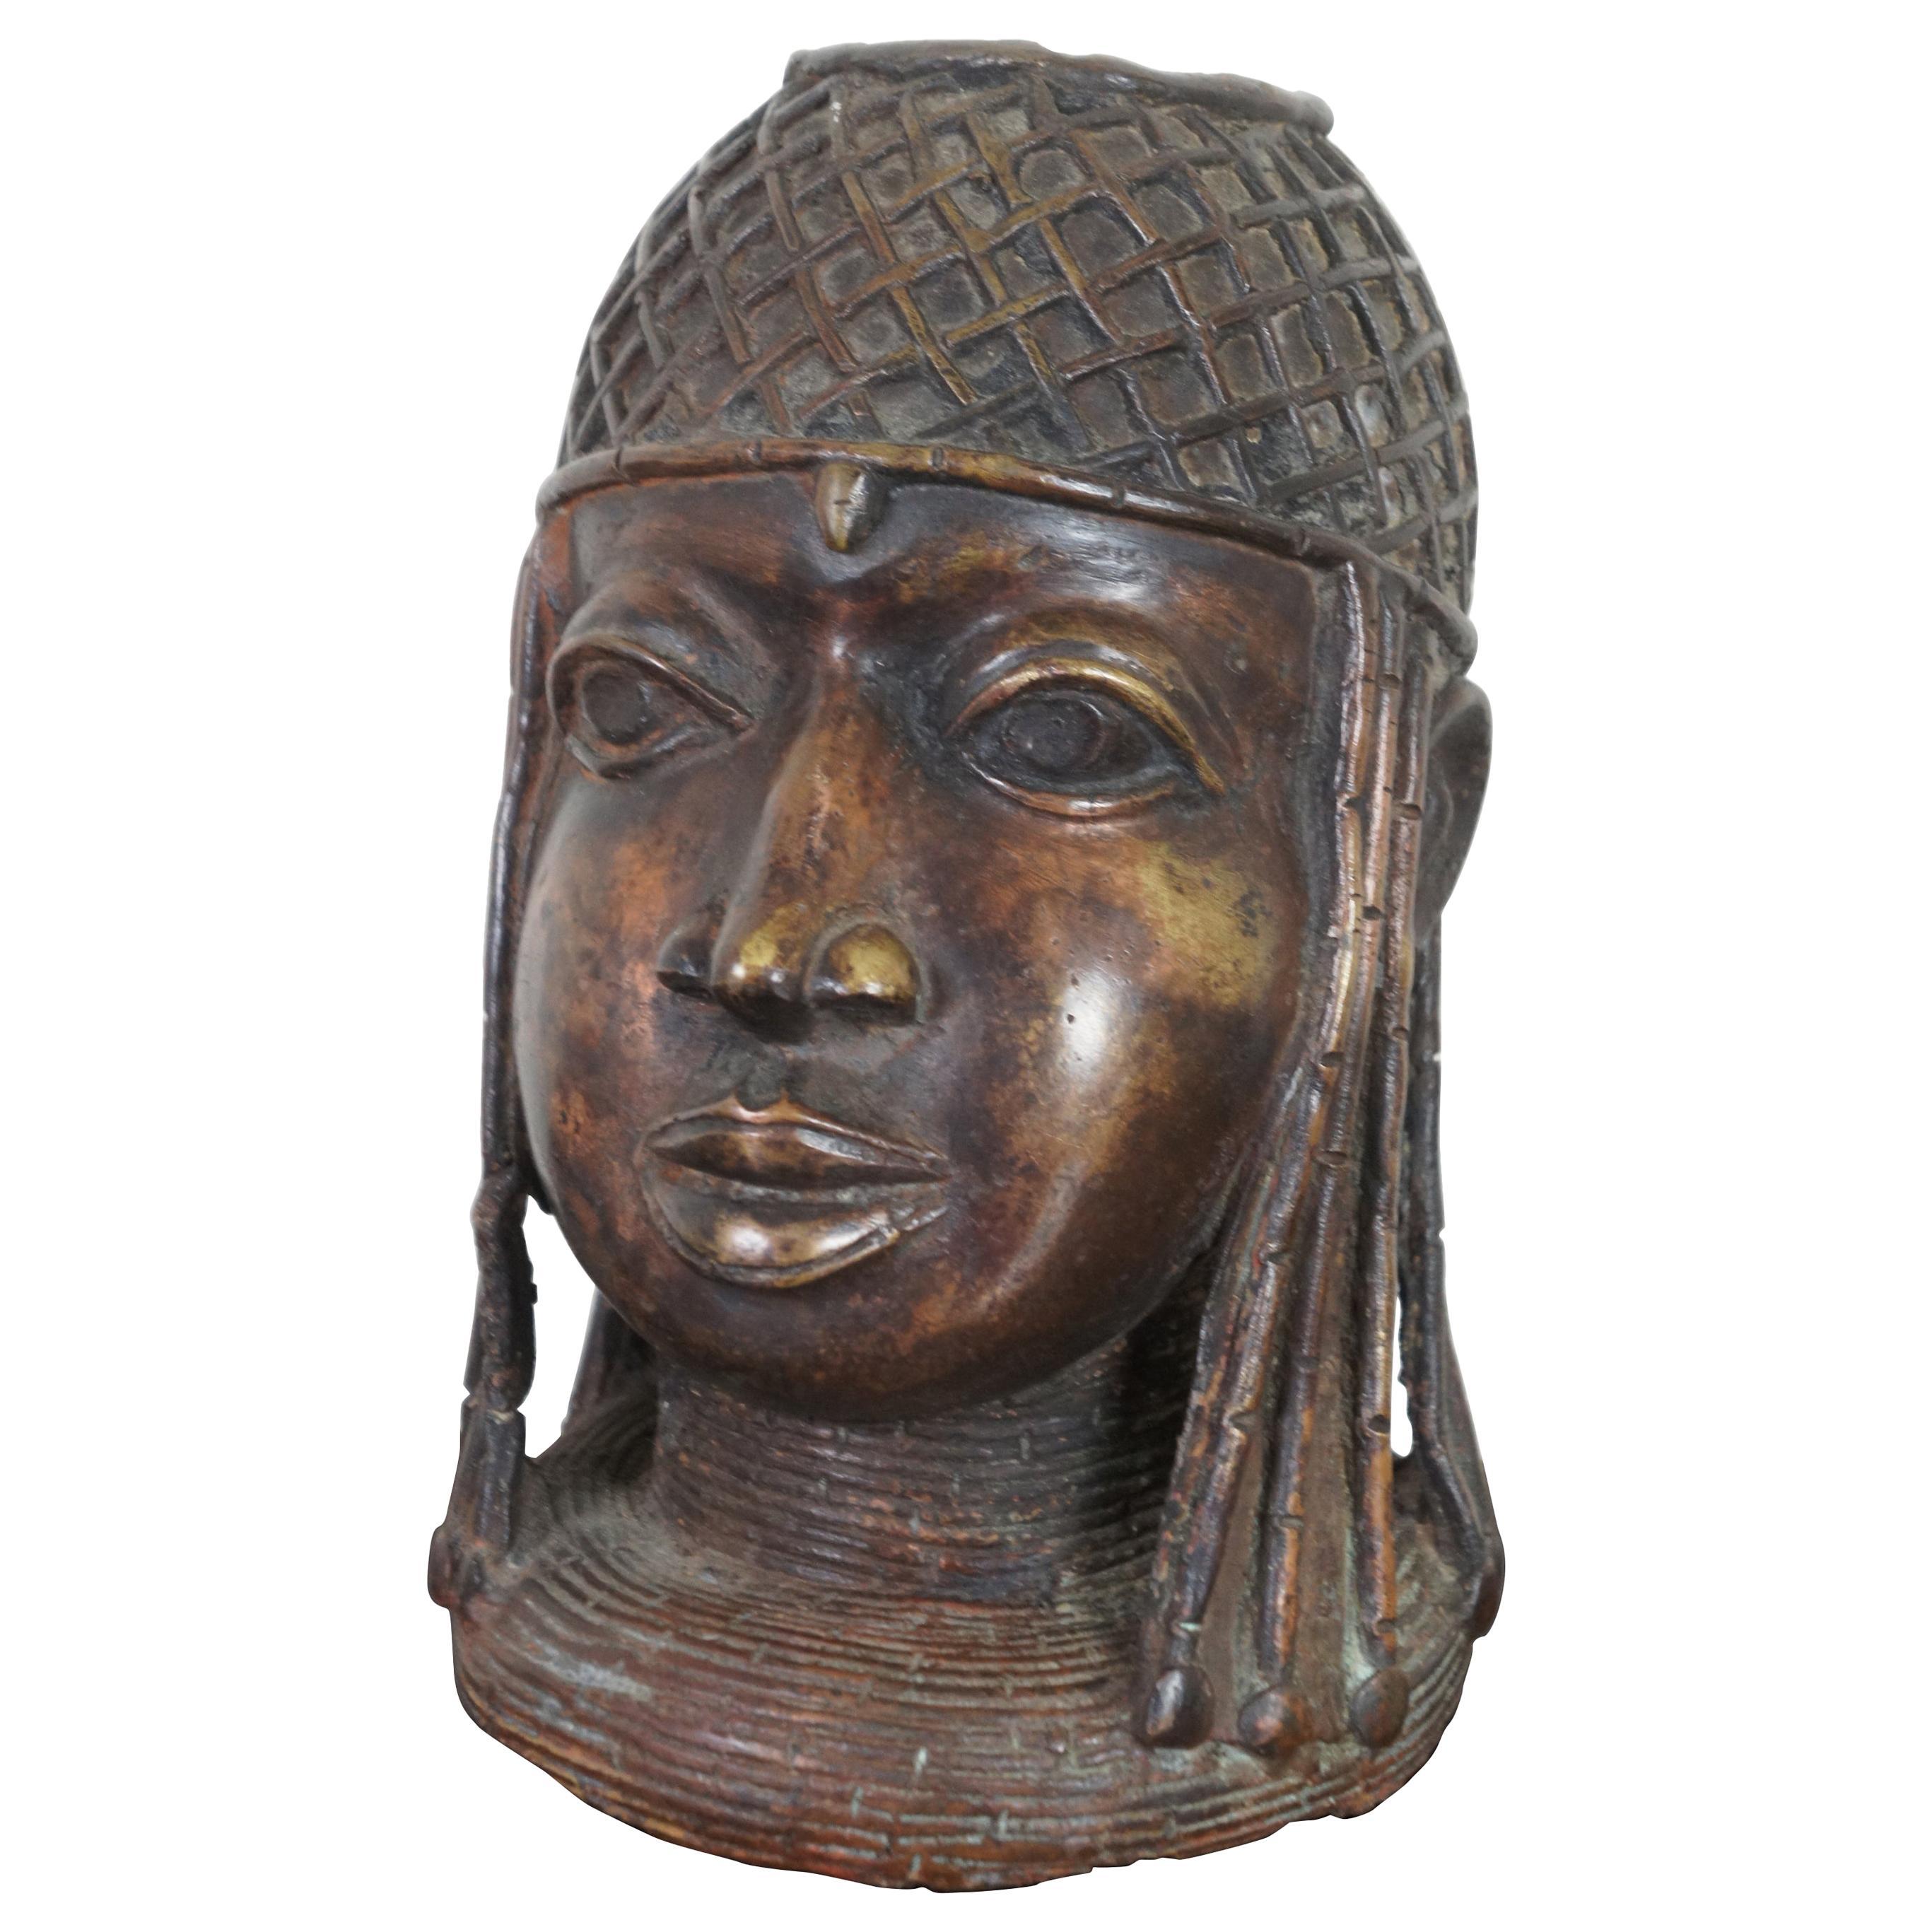 Antique Head of an Oba King Bronze Benin Sculpture African Tribal Altar Bust